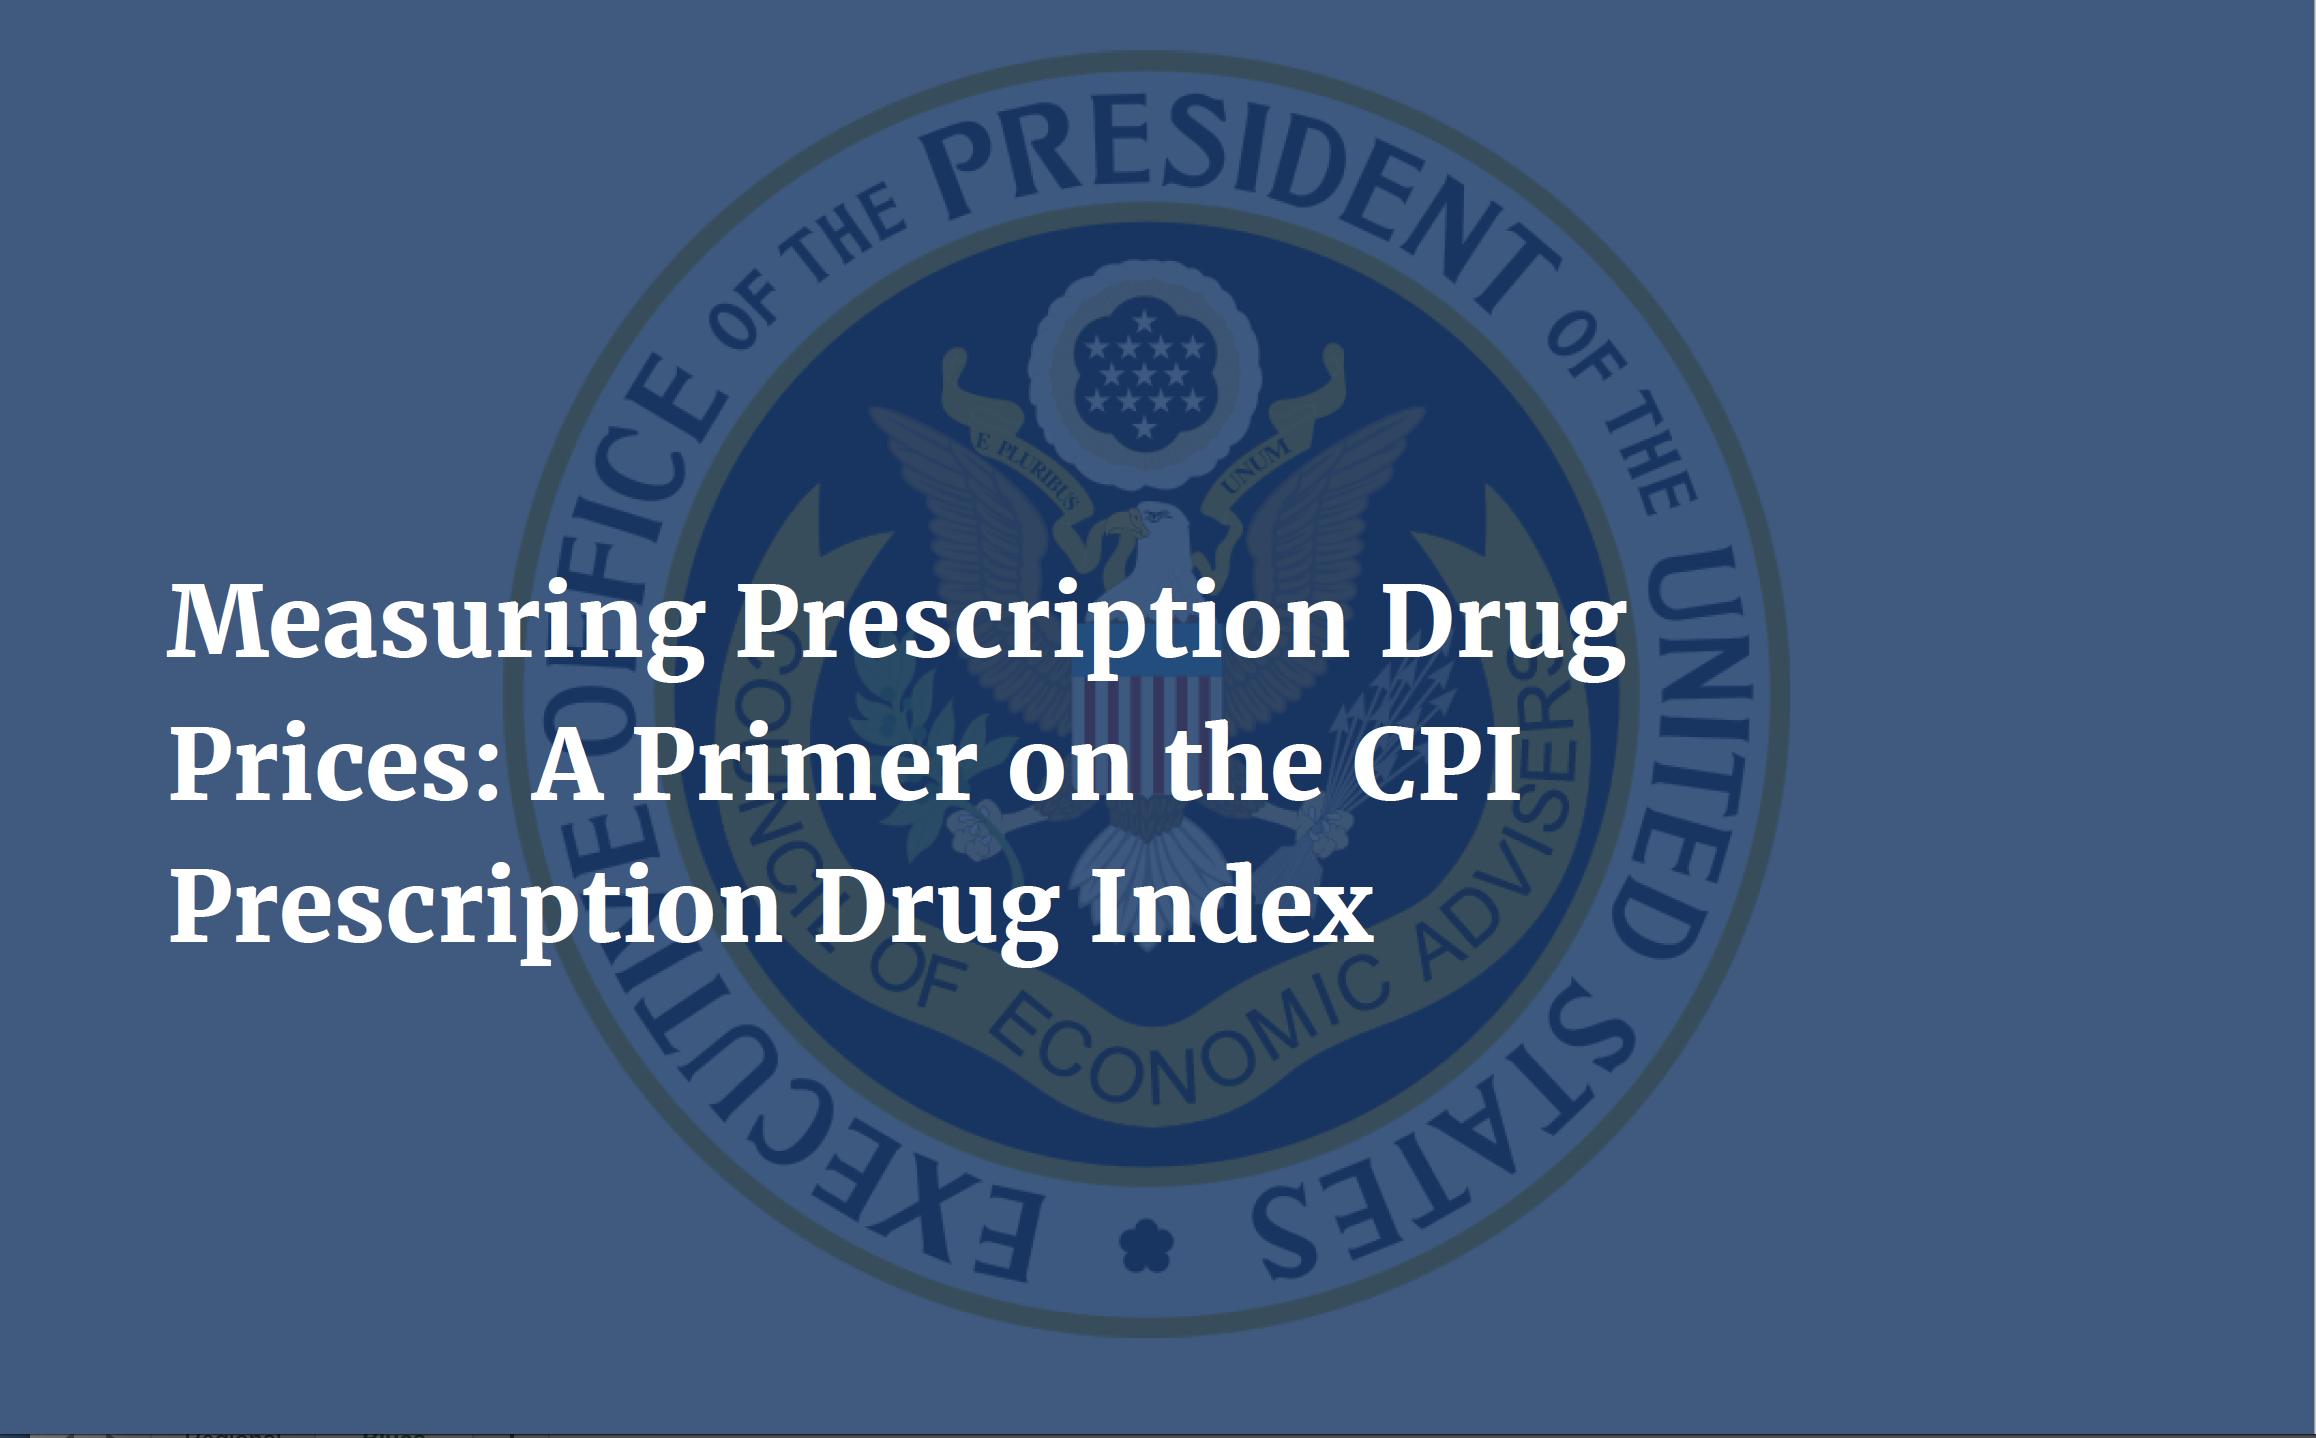 Measuring Prescription Drug Prices_CPI-Rx Primer